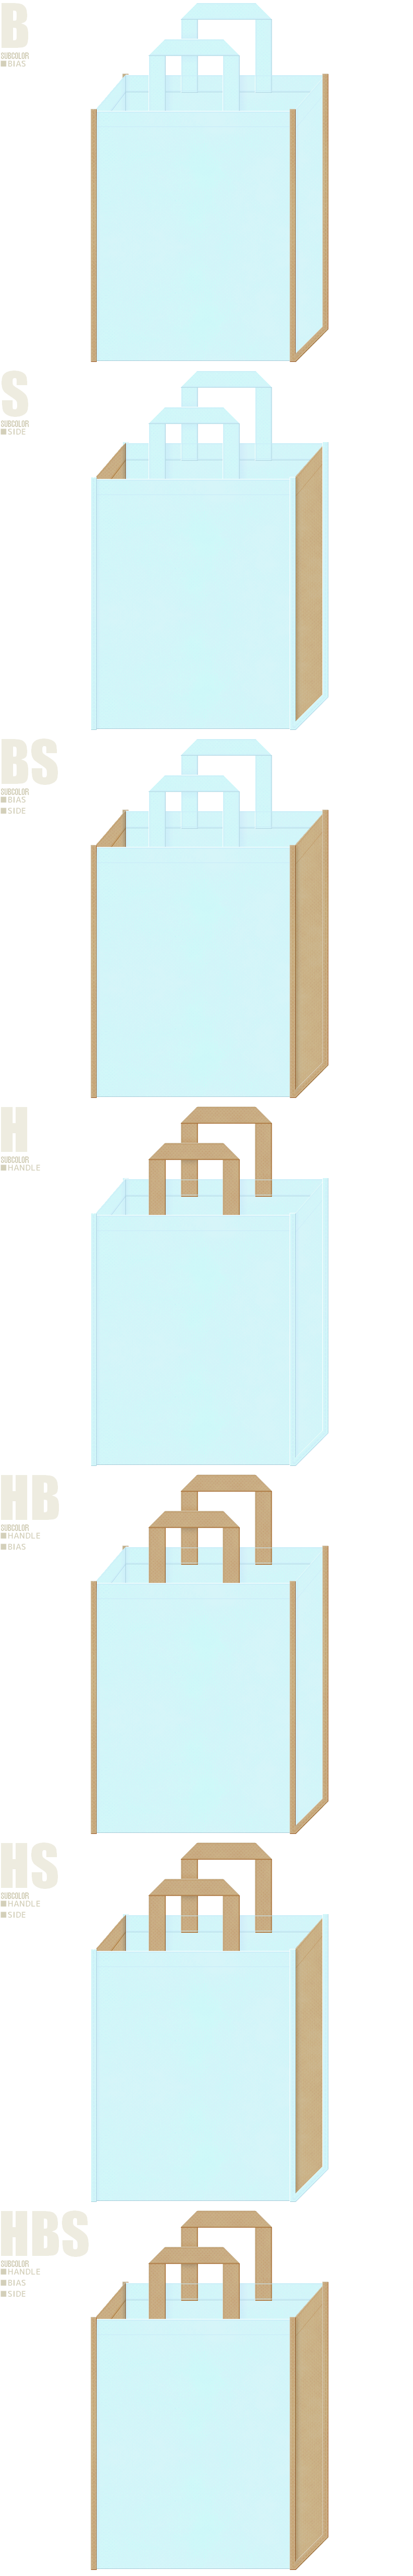 水色とカーキ色-7パターンの不織布トートバッグ配色デザイン例。girlyな不織布バッグにお奨めです。